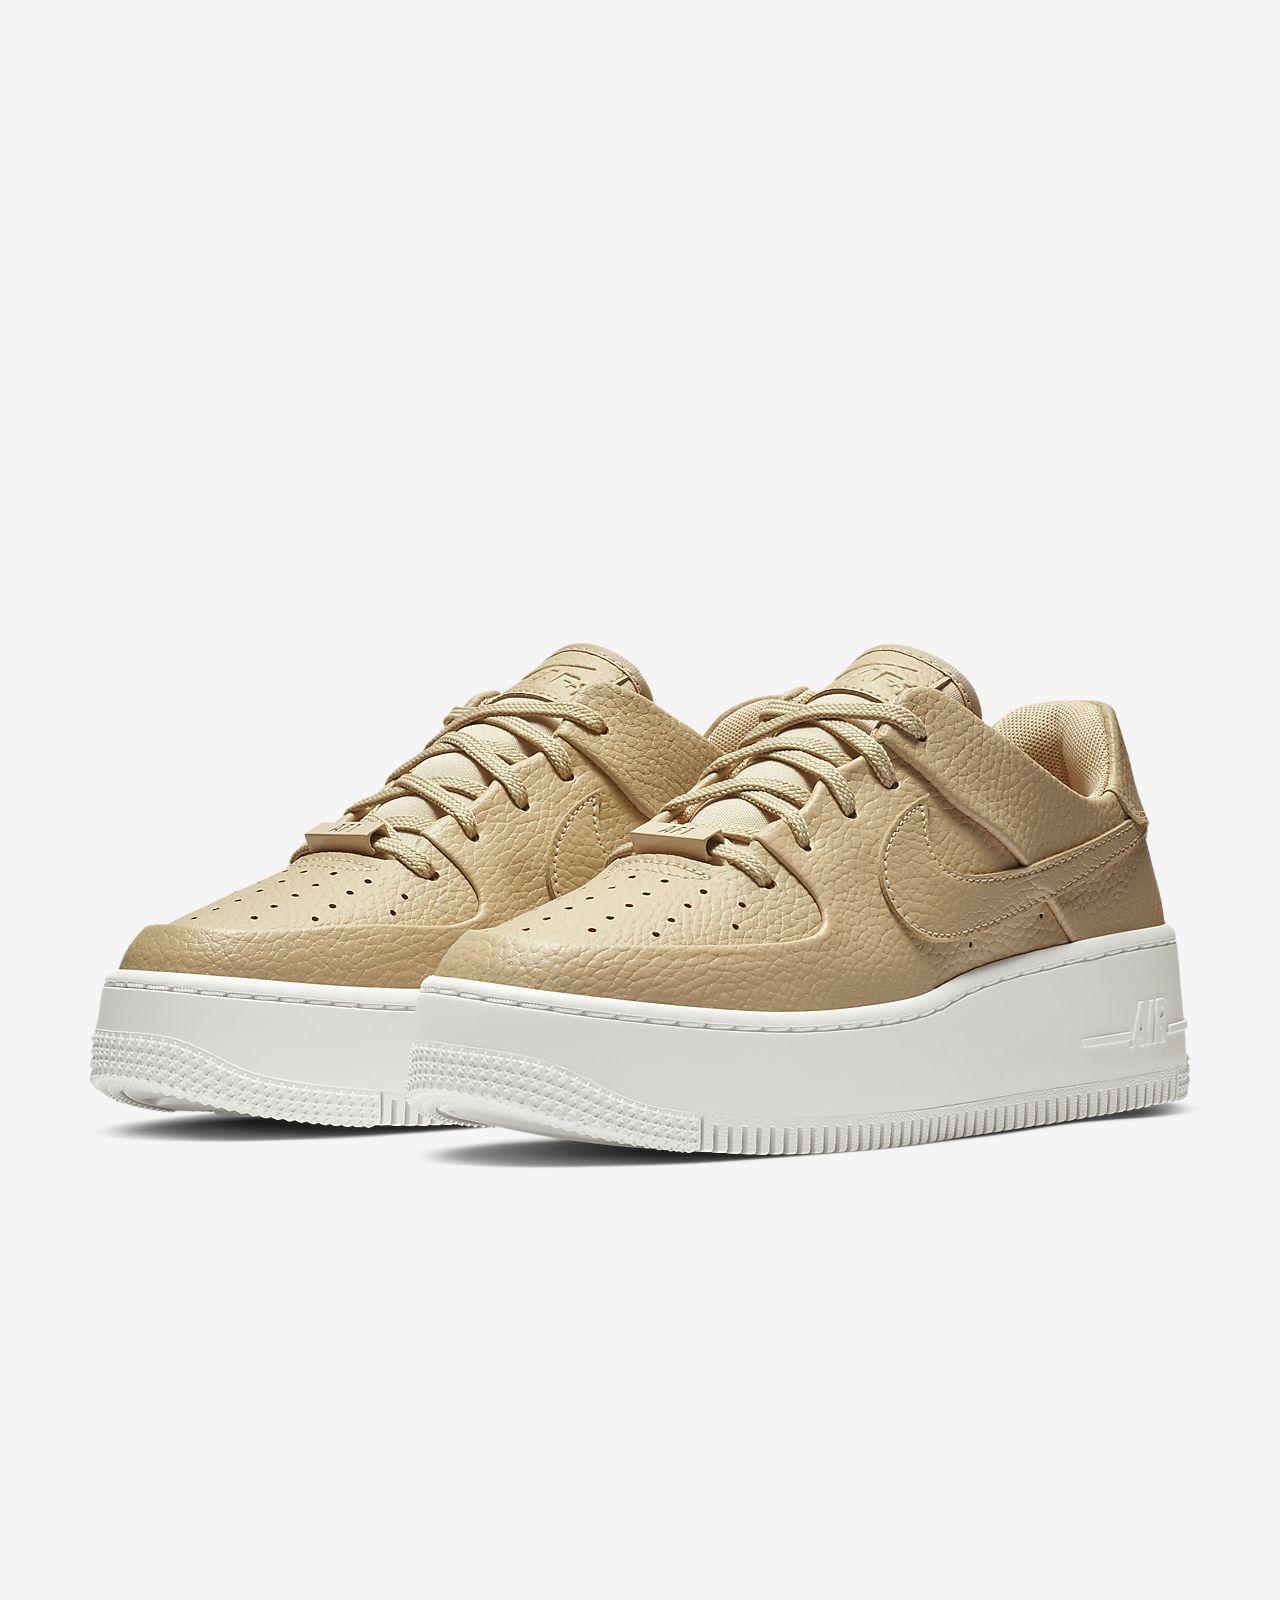 0f87aa660 Nike Air Force 1 Sage Low Women's Shoe. Nike.com NO